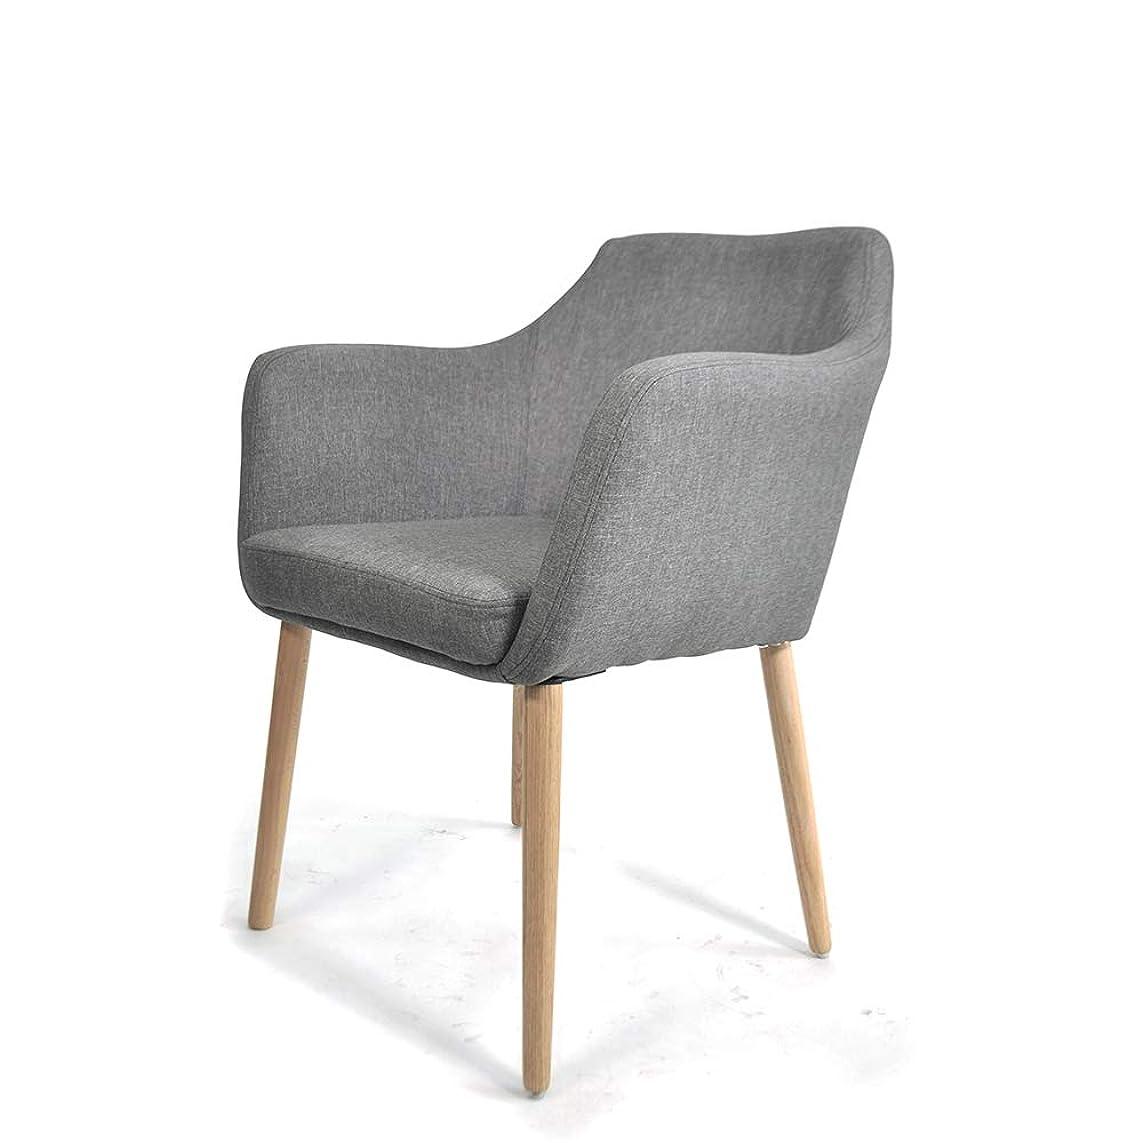 洞察力道徳教育謙虚ダイニングチェア リビングチェア 肉厚クッション付き 北欧 イームズ チェア ファブリック 食卓椅子 肘付き 木製 椅子 イス グレー SD-9027GY